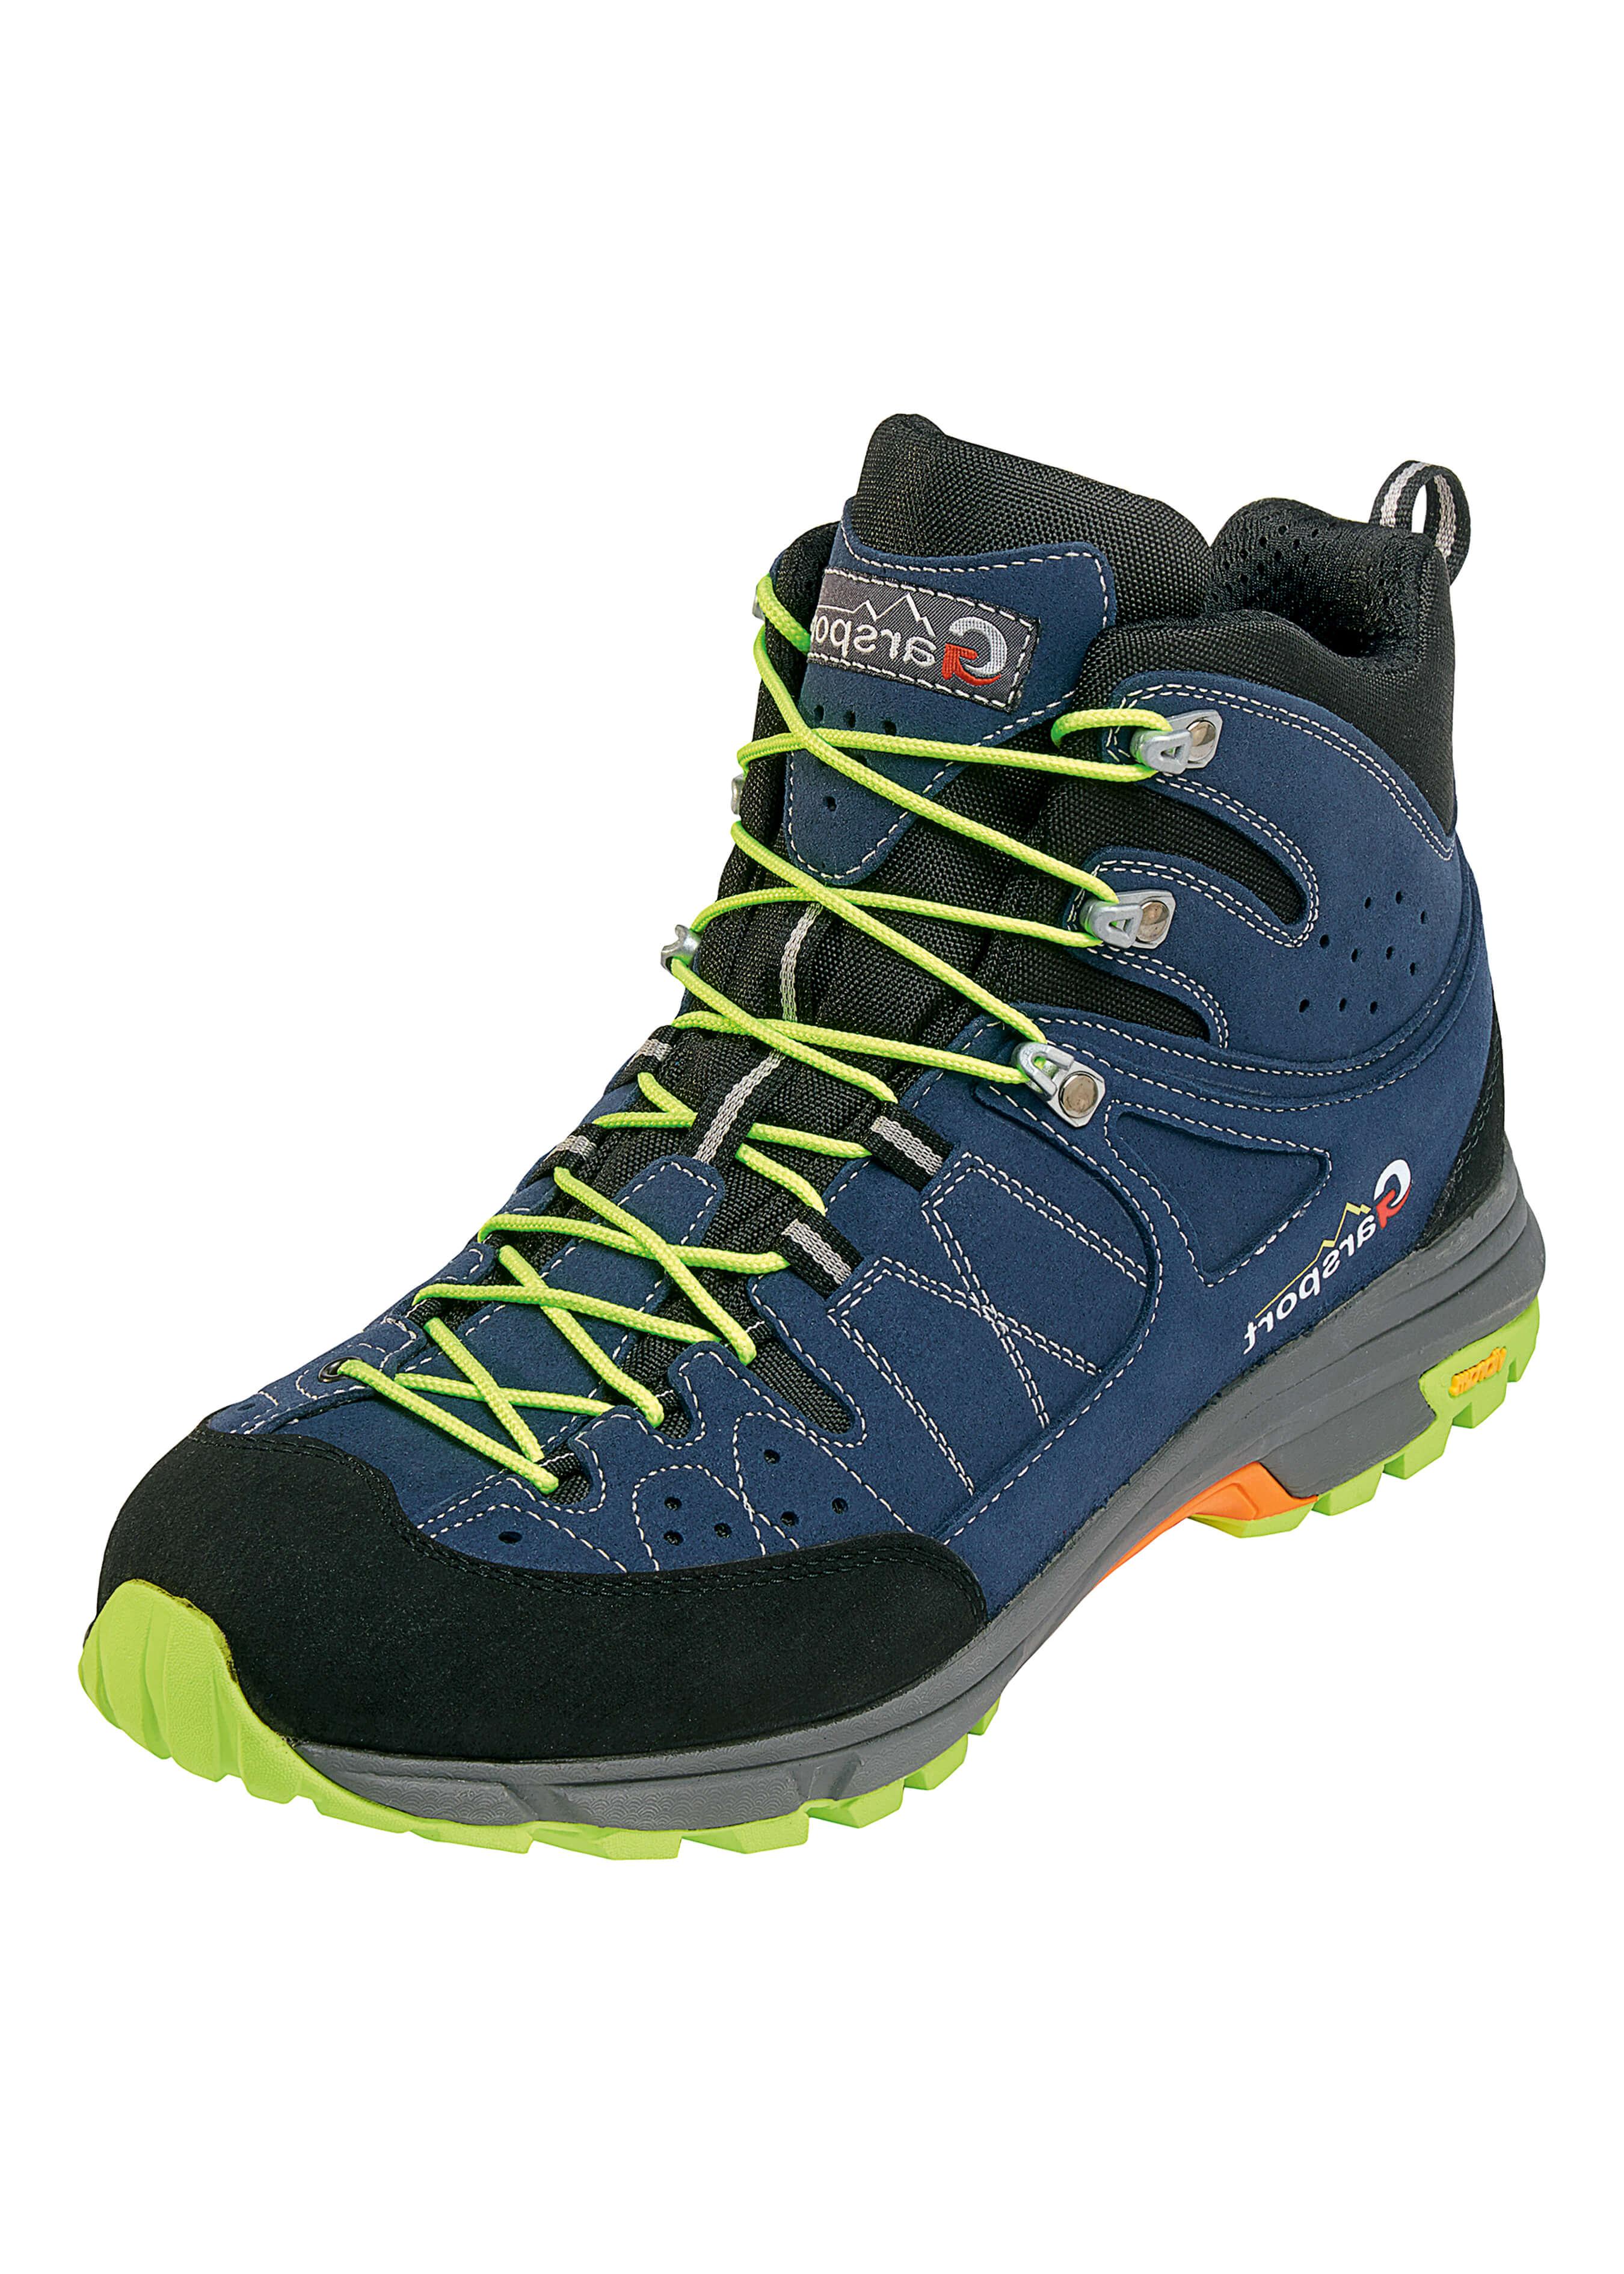 Gar Trekkingschuh Fast Trek 41313338 1